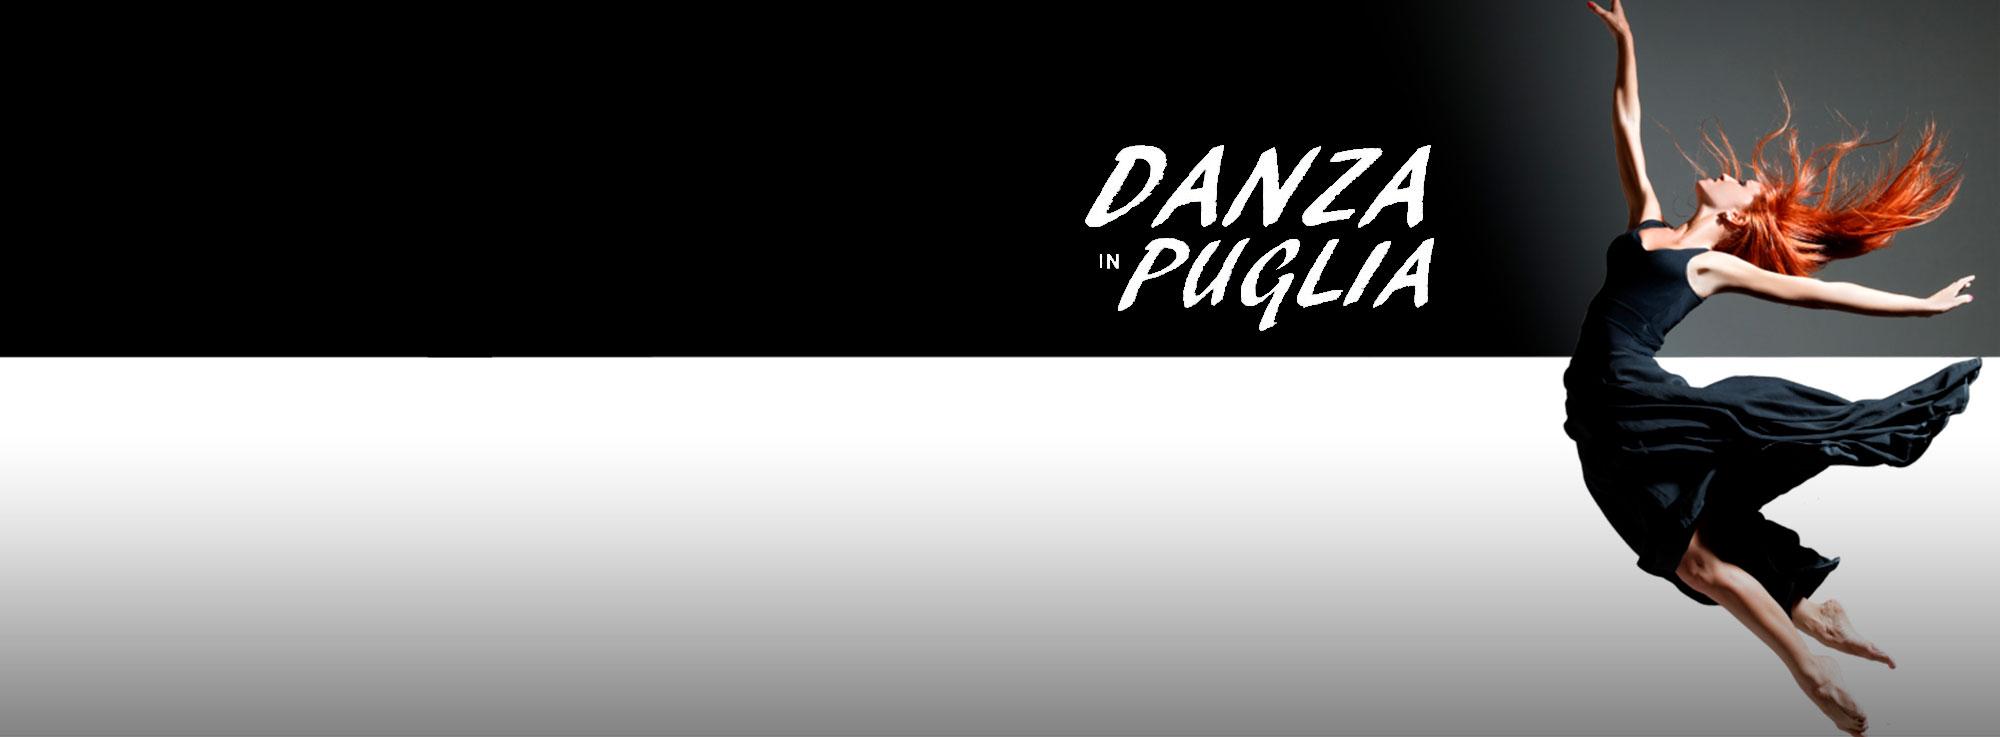 Foggia: Danza in Puglia